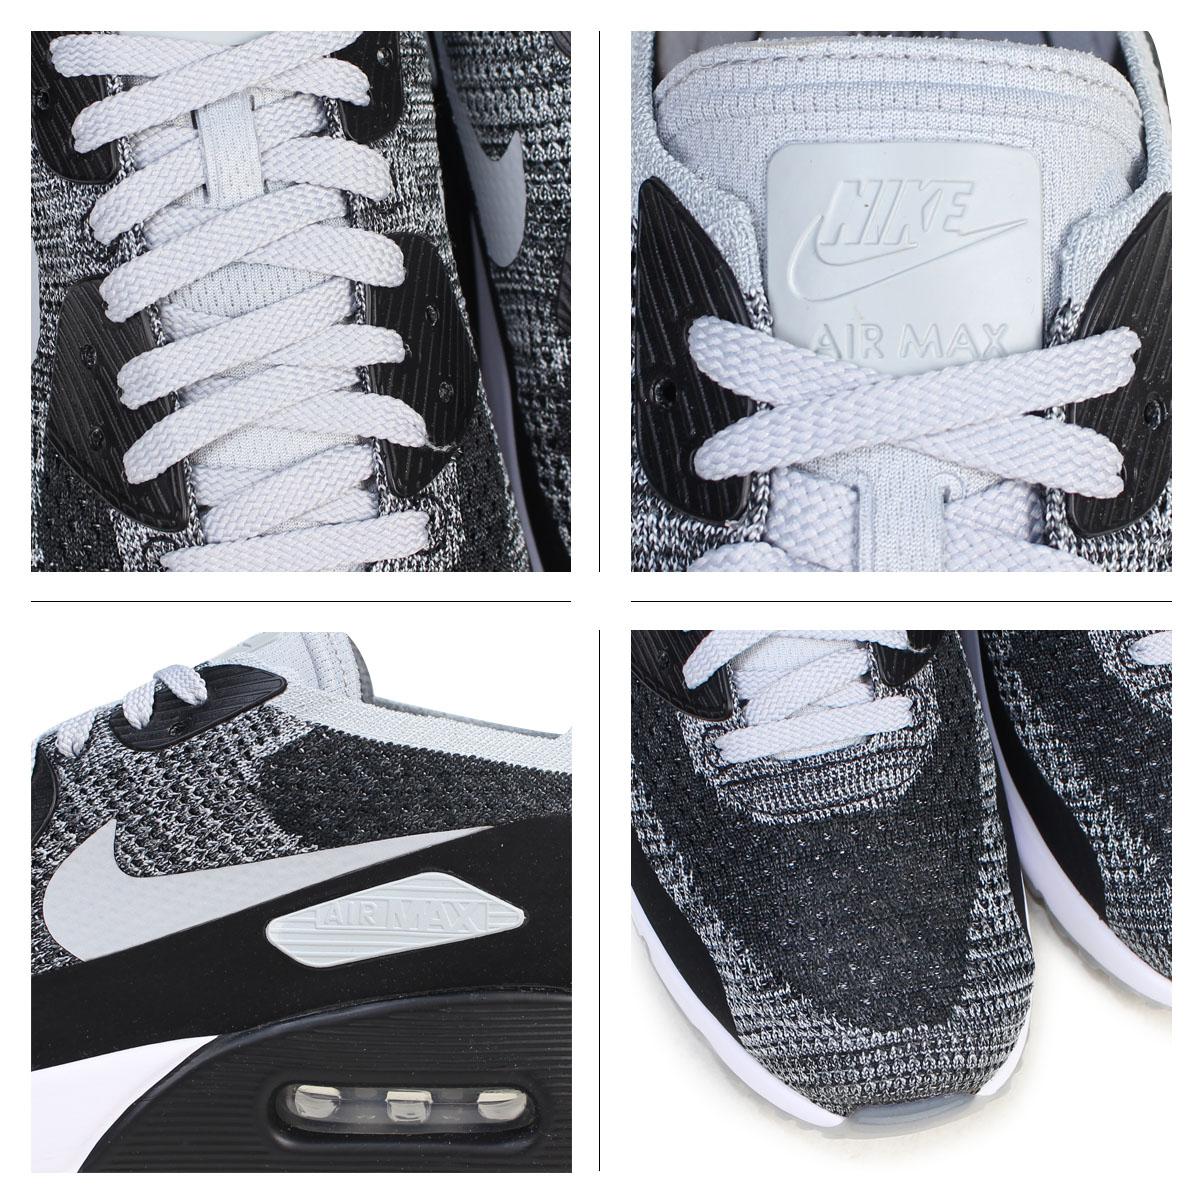 Nike Air Max 90 De Ultra Mercado 2,0 Flyknit Blanco Y Negro